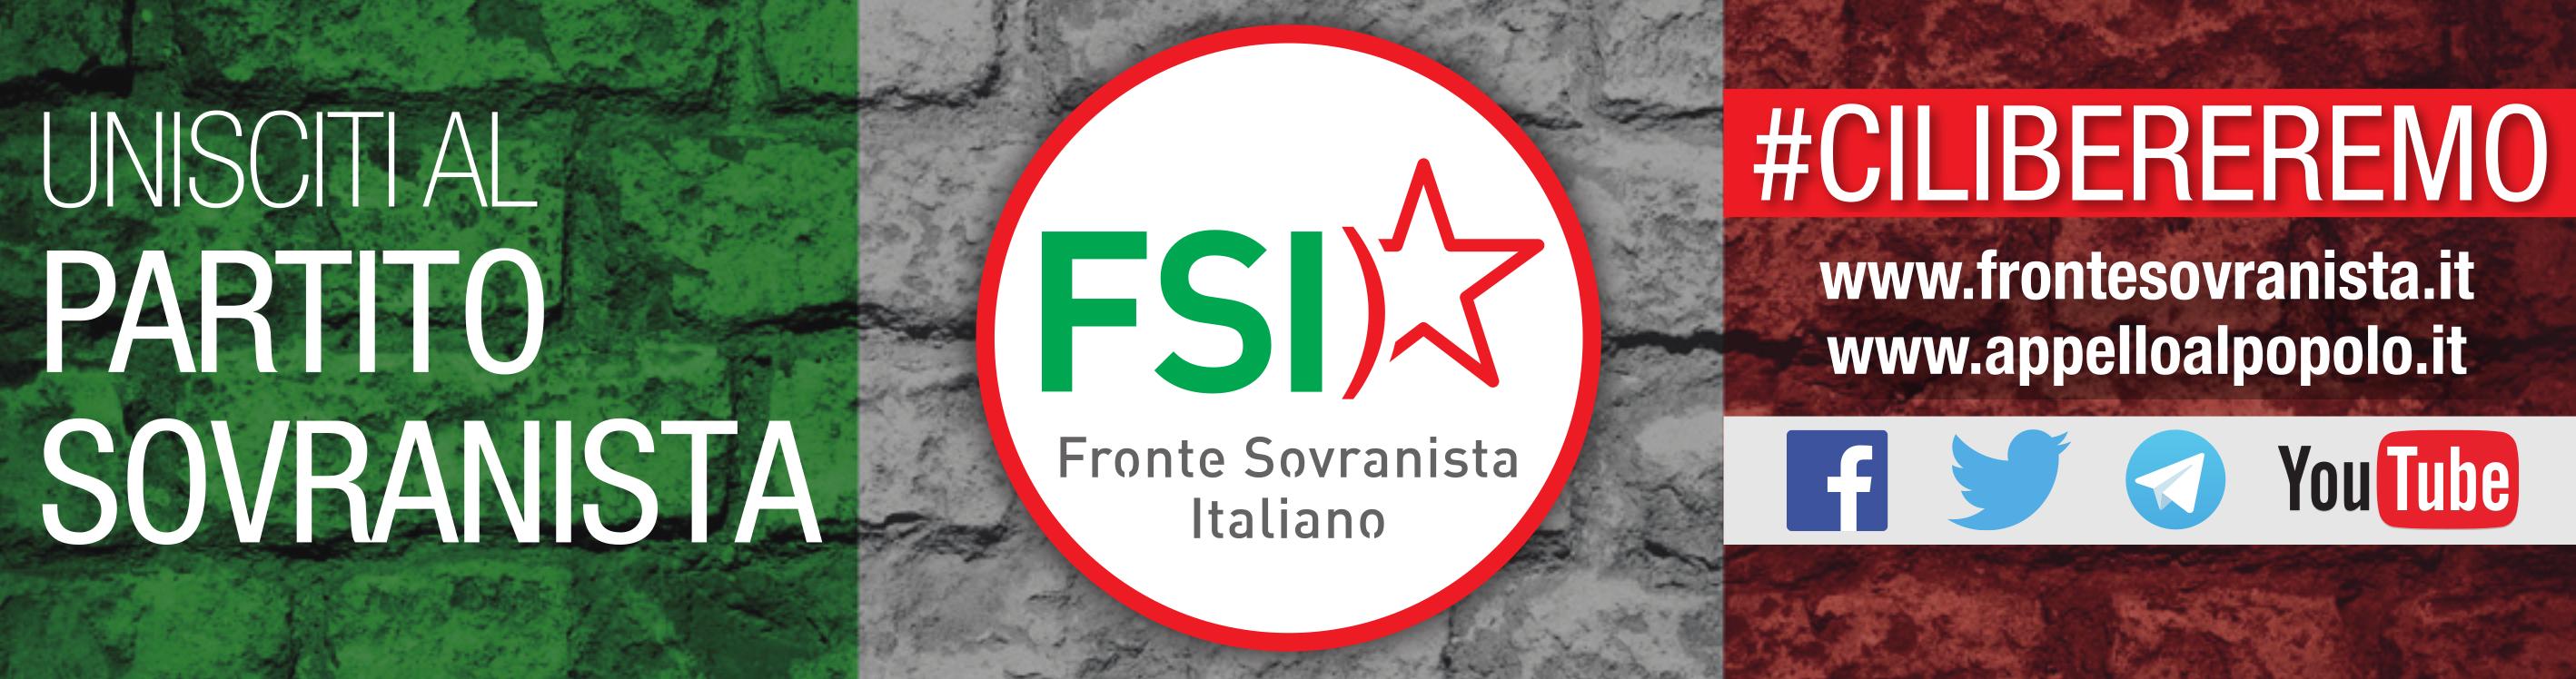 Fronte Sovranista Italiano